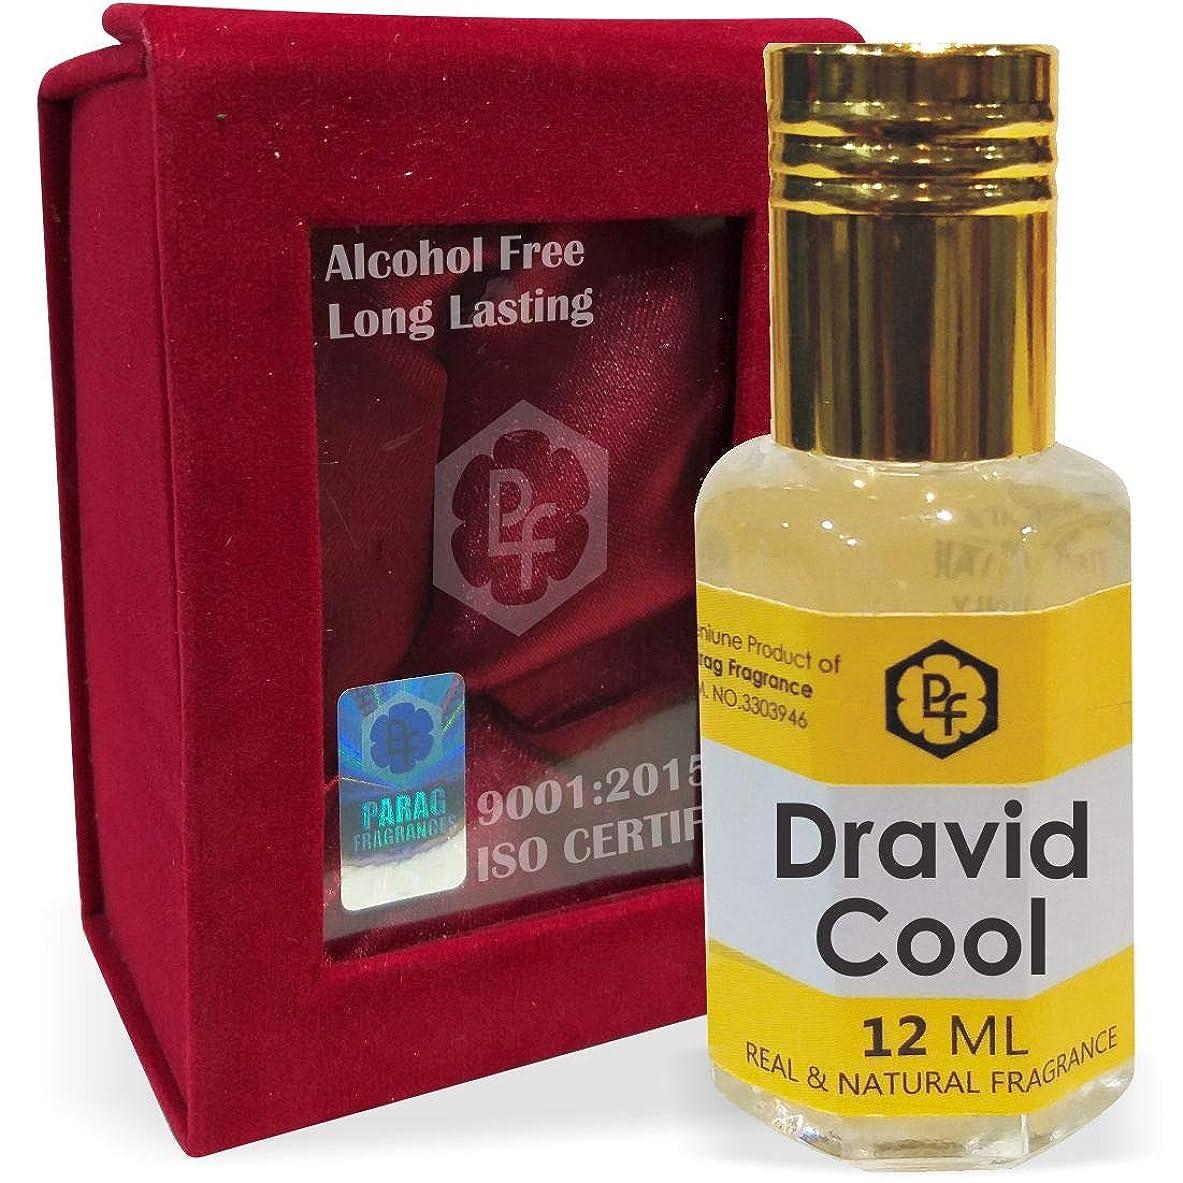 参加する無礼にオークションParagフレグランス手作りベルベットボックスドラヴィドクール12ミリリットルアター/香水(インドの伝統的なBhapka処理方法により、インド製)オイル/フレグランスオイル 長持ちアターITRA最高の品質